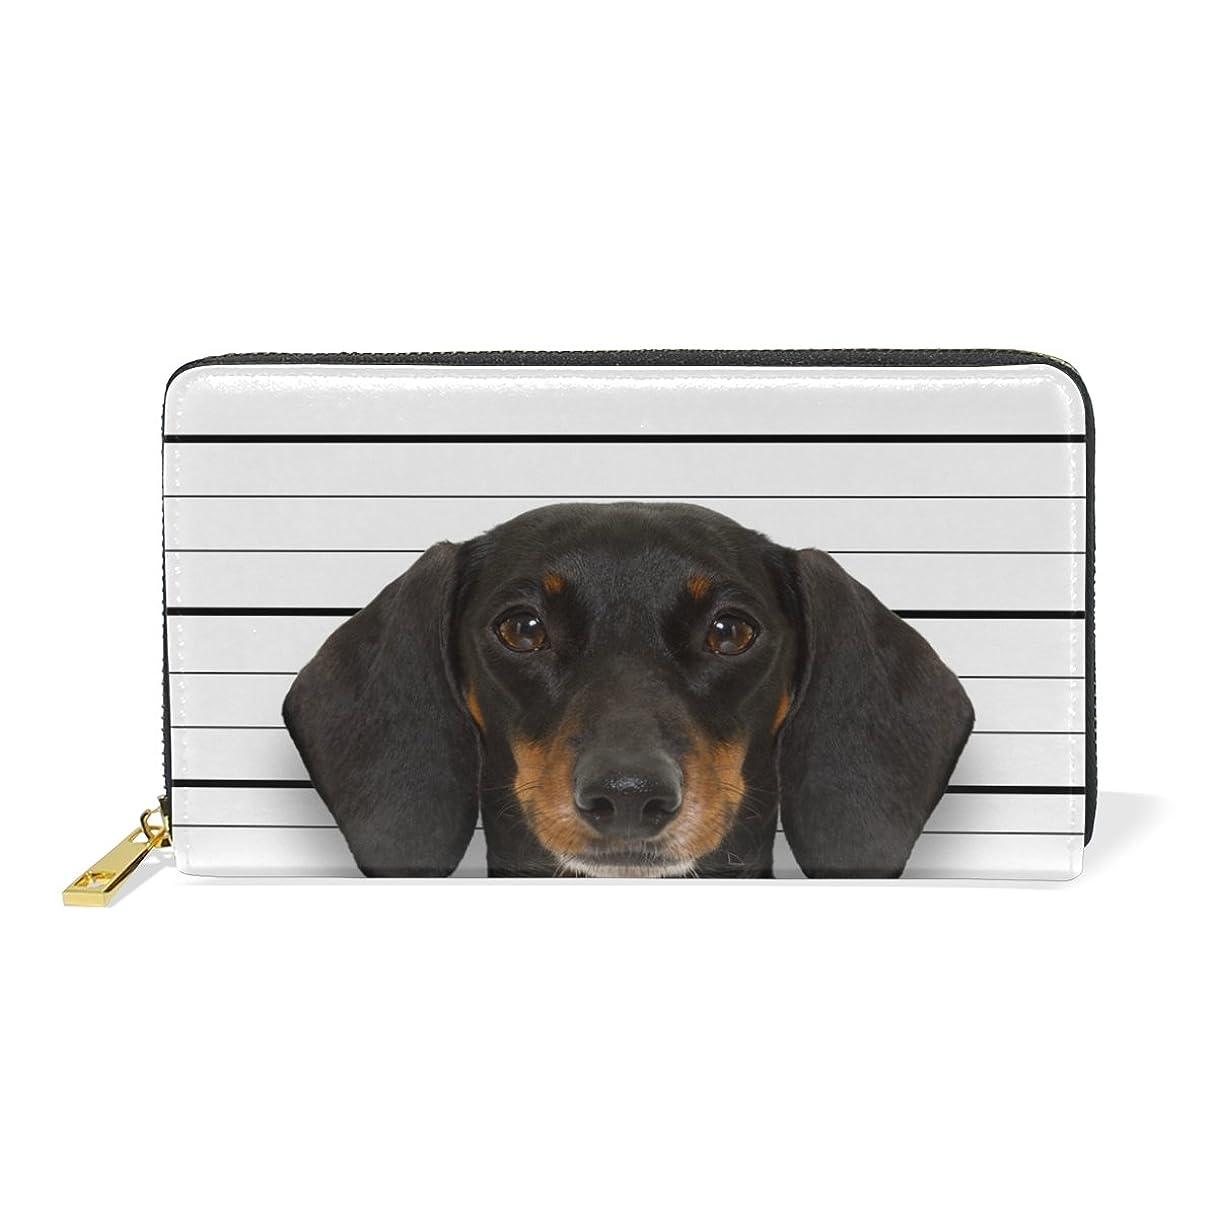 遅滞うめきアグネスグレイ旅立の店 長財布 人気 レディース メンズ 大容量多機能 二つ折り ラウンドファスナー 本革  犬柄 面白い ウォレット